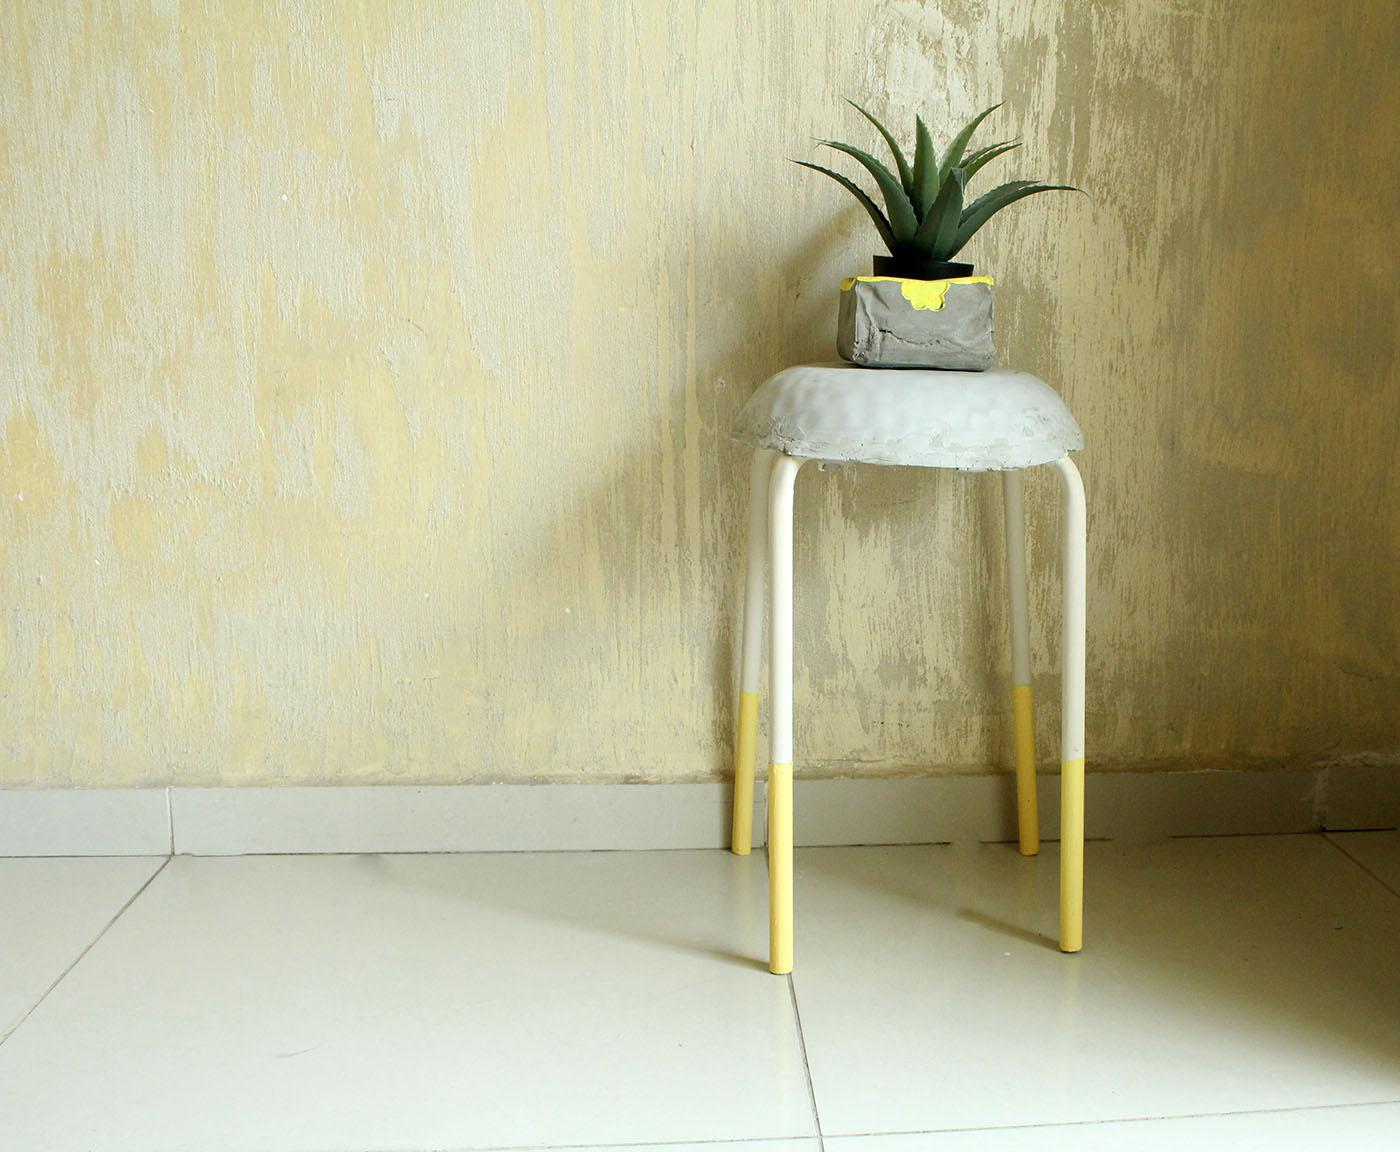 IMG 8949 - רהיטים קטנים ממלט